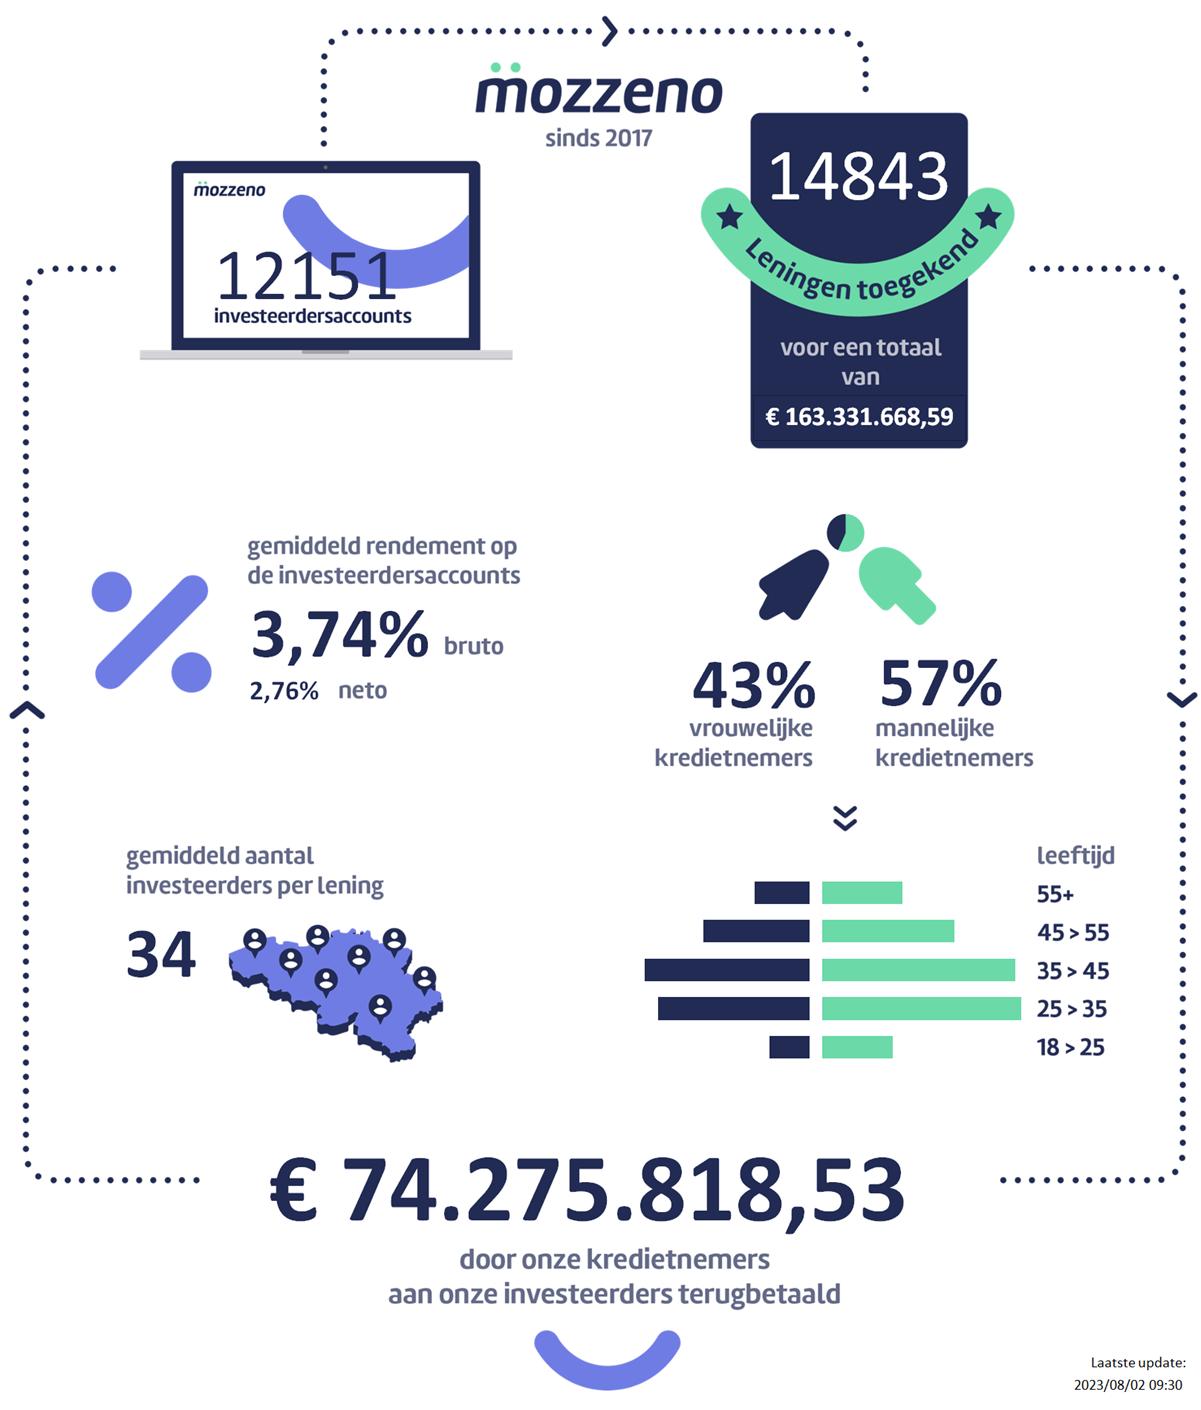 Onze infographic, die dagelijks wordt bijgewerkt, geeft u een gedetailleerd overzicht van onze activiteiten.